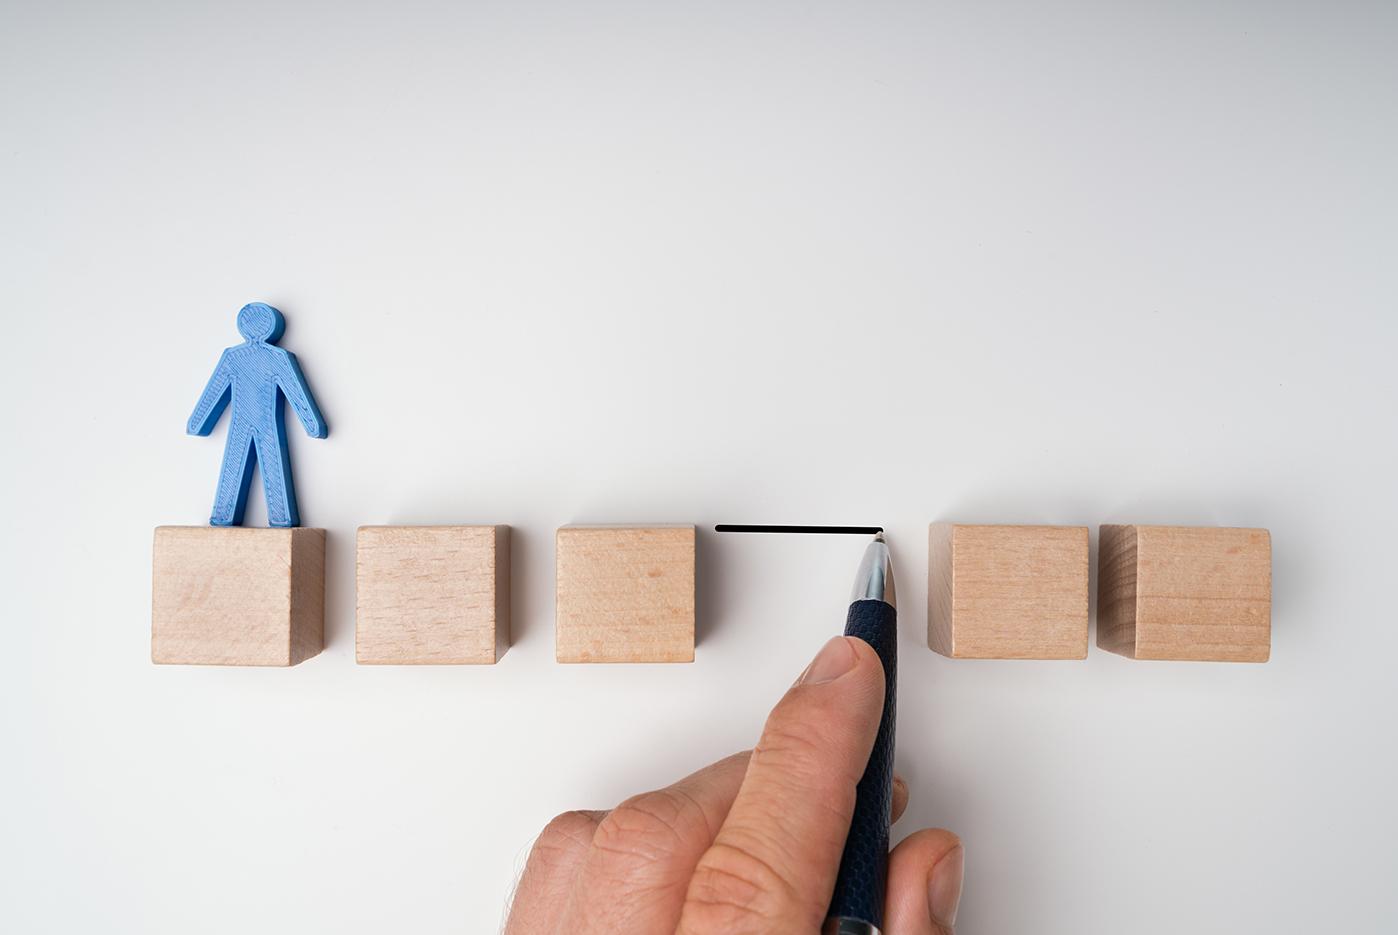 Bridging the Gap:een vijftal houten blokken waarbij een blauw poppetje dat op het eerste blok van links staat. Tussen het derde en het vierde blok is een grote ruimte waar een blok lijkt te ontbreken.Het belang van beleid door wordt gesymboliseerd door een hand met een pen die een lijn tekent op de plaats van het ontbrekende blok .